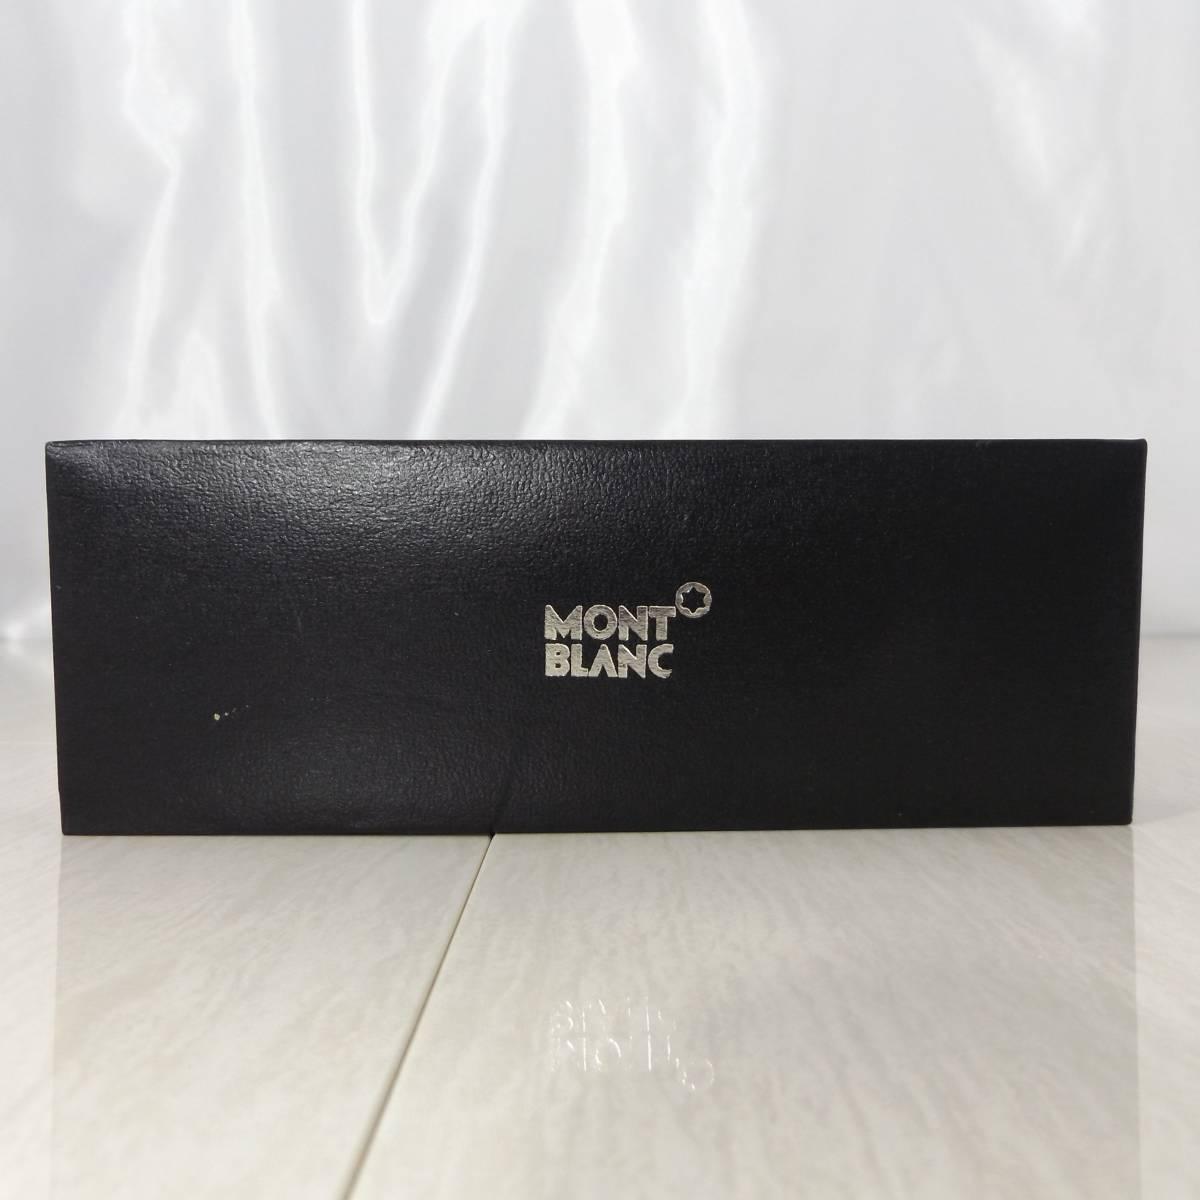 【1円スタート】MONTBLANC モンブラン ボールペン 筆記用具 シルバー×ブラック 箱付き 文房具 ビジネス 通勤_画像8